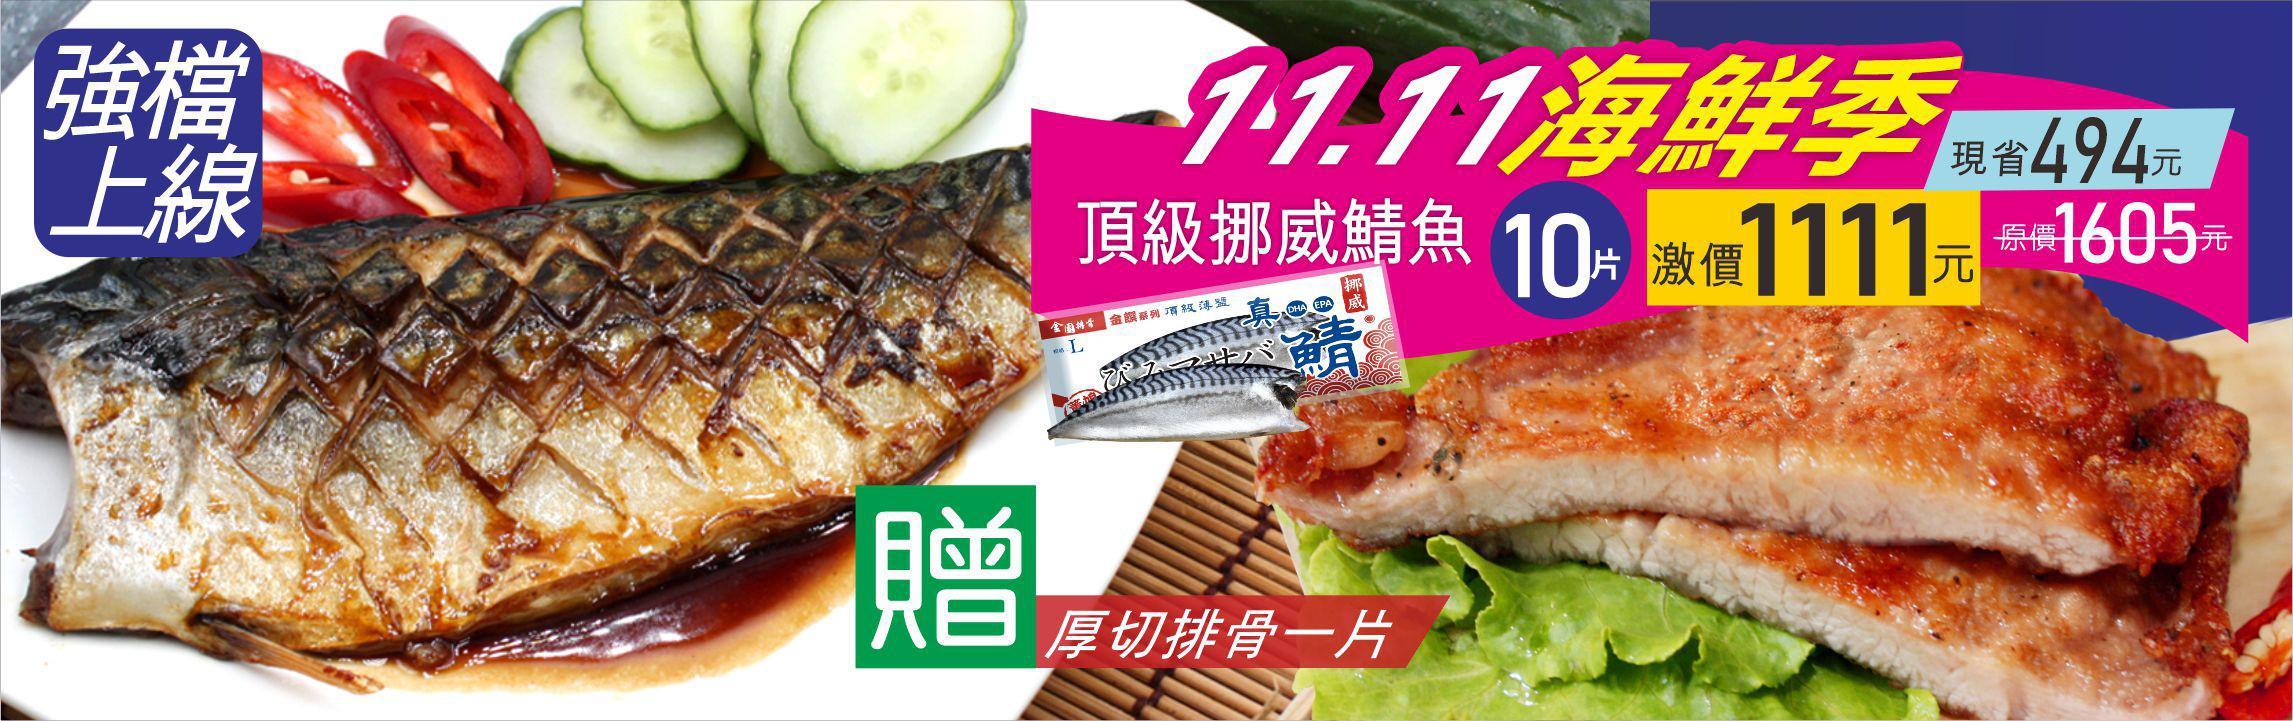 1111鯖魚買10送1P活動_1101025